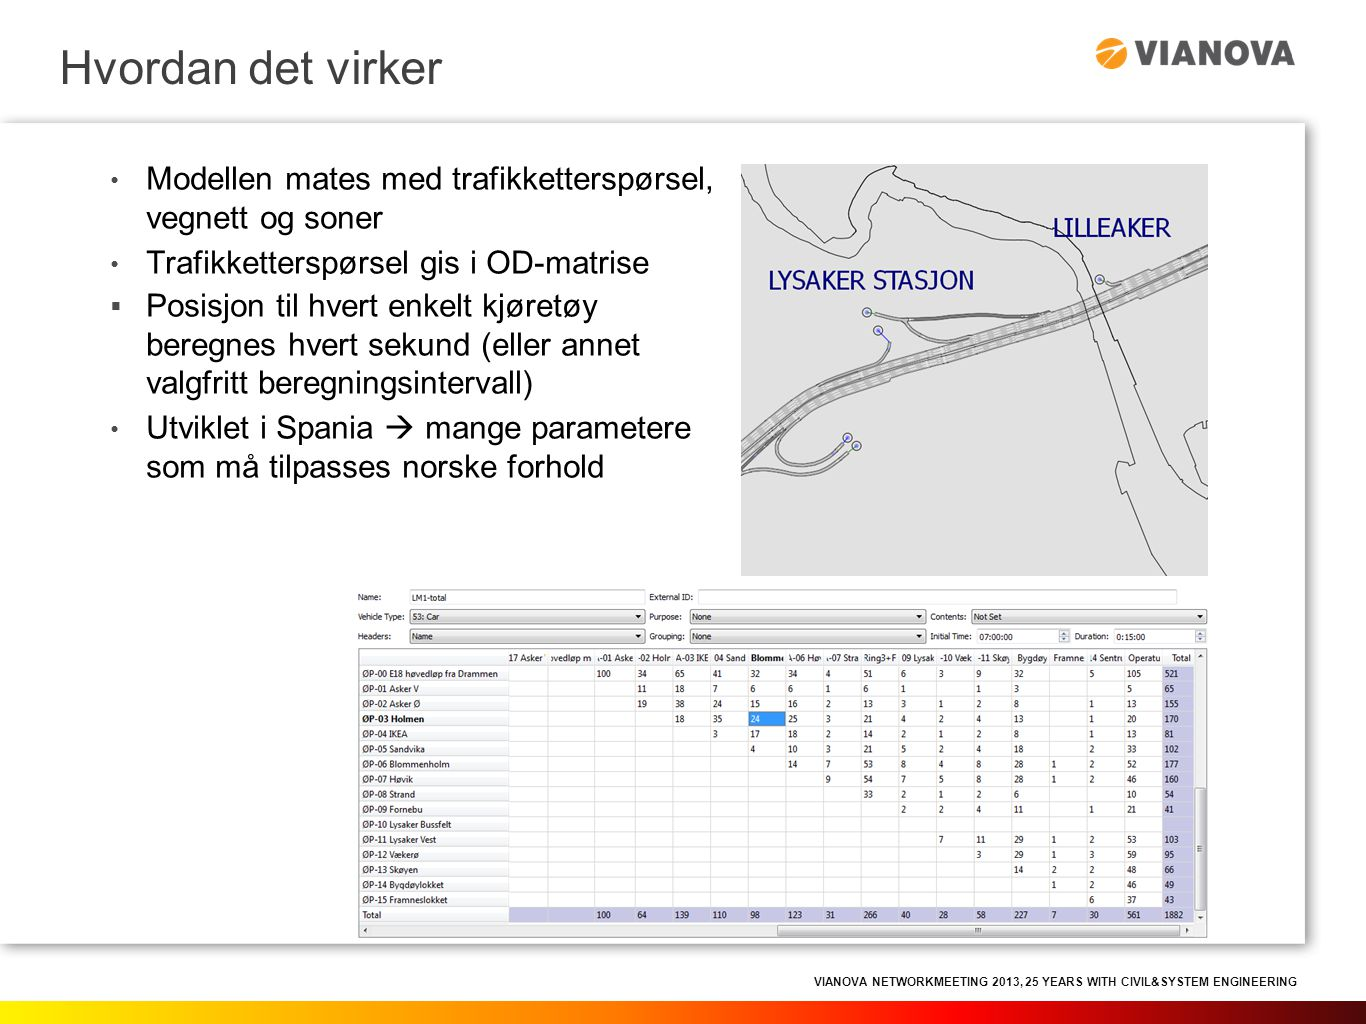 VIANOVA NETWORKMEETING 2013, 25 YEARS WITH CIVIL&SYSTEM ENGINEERING • Modellen mates med trafikketterspørsel, vegnett og soner • Trafikketterspørsel g